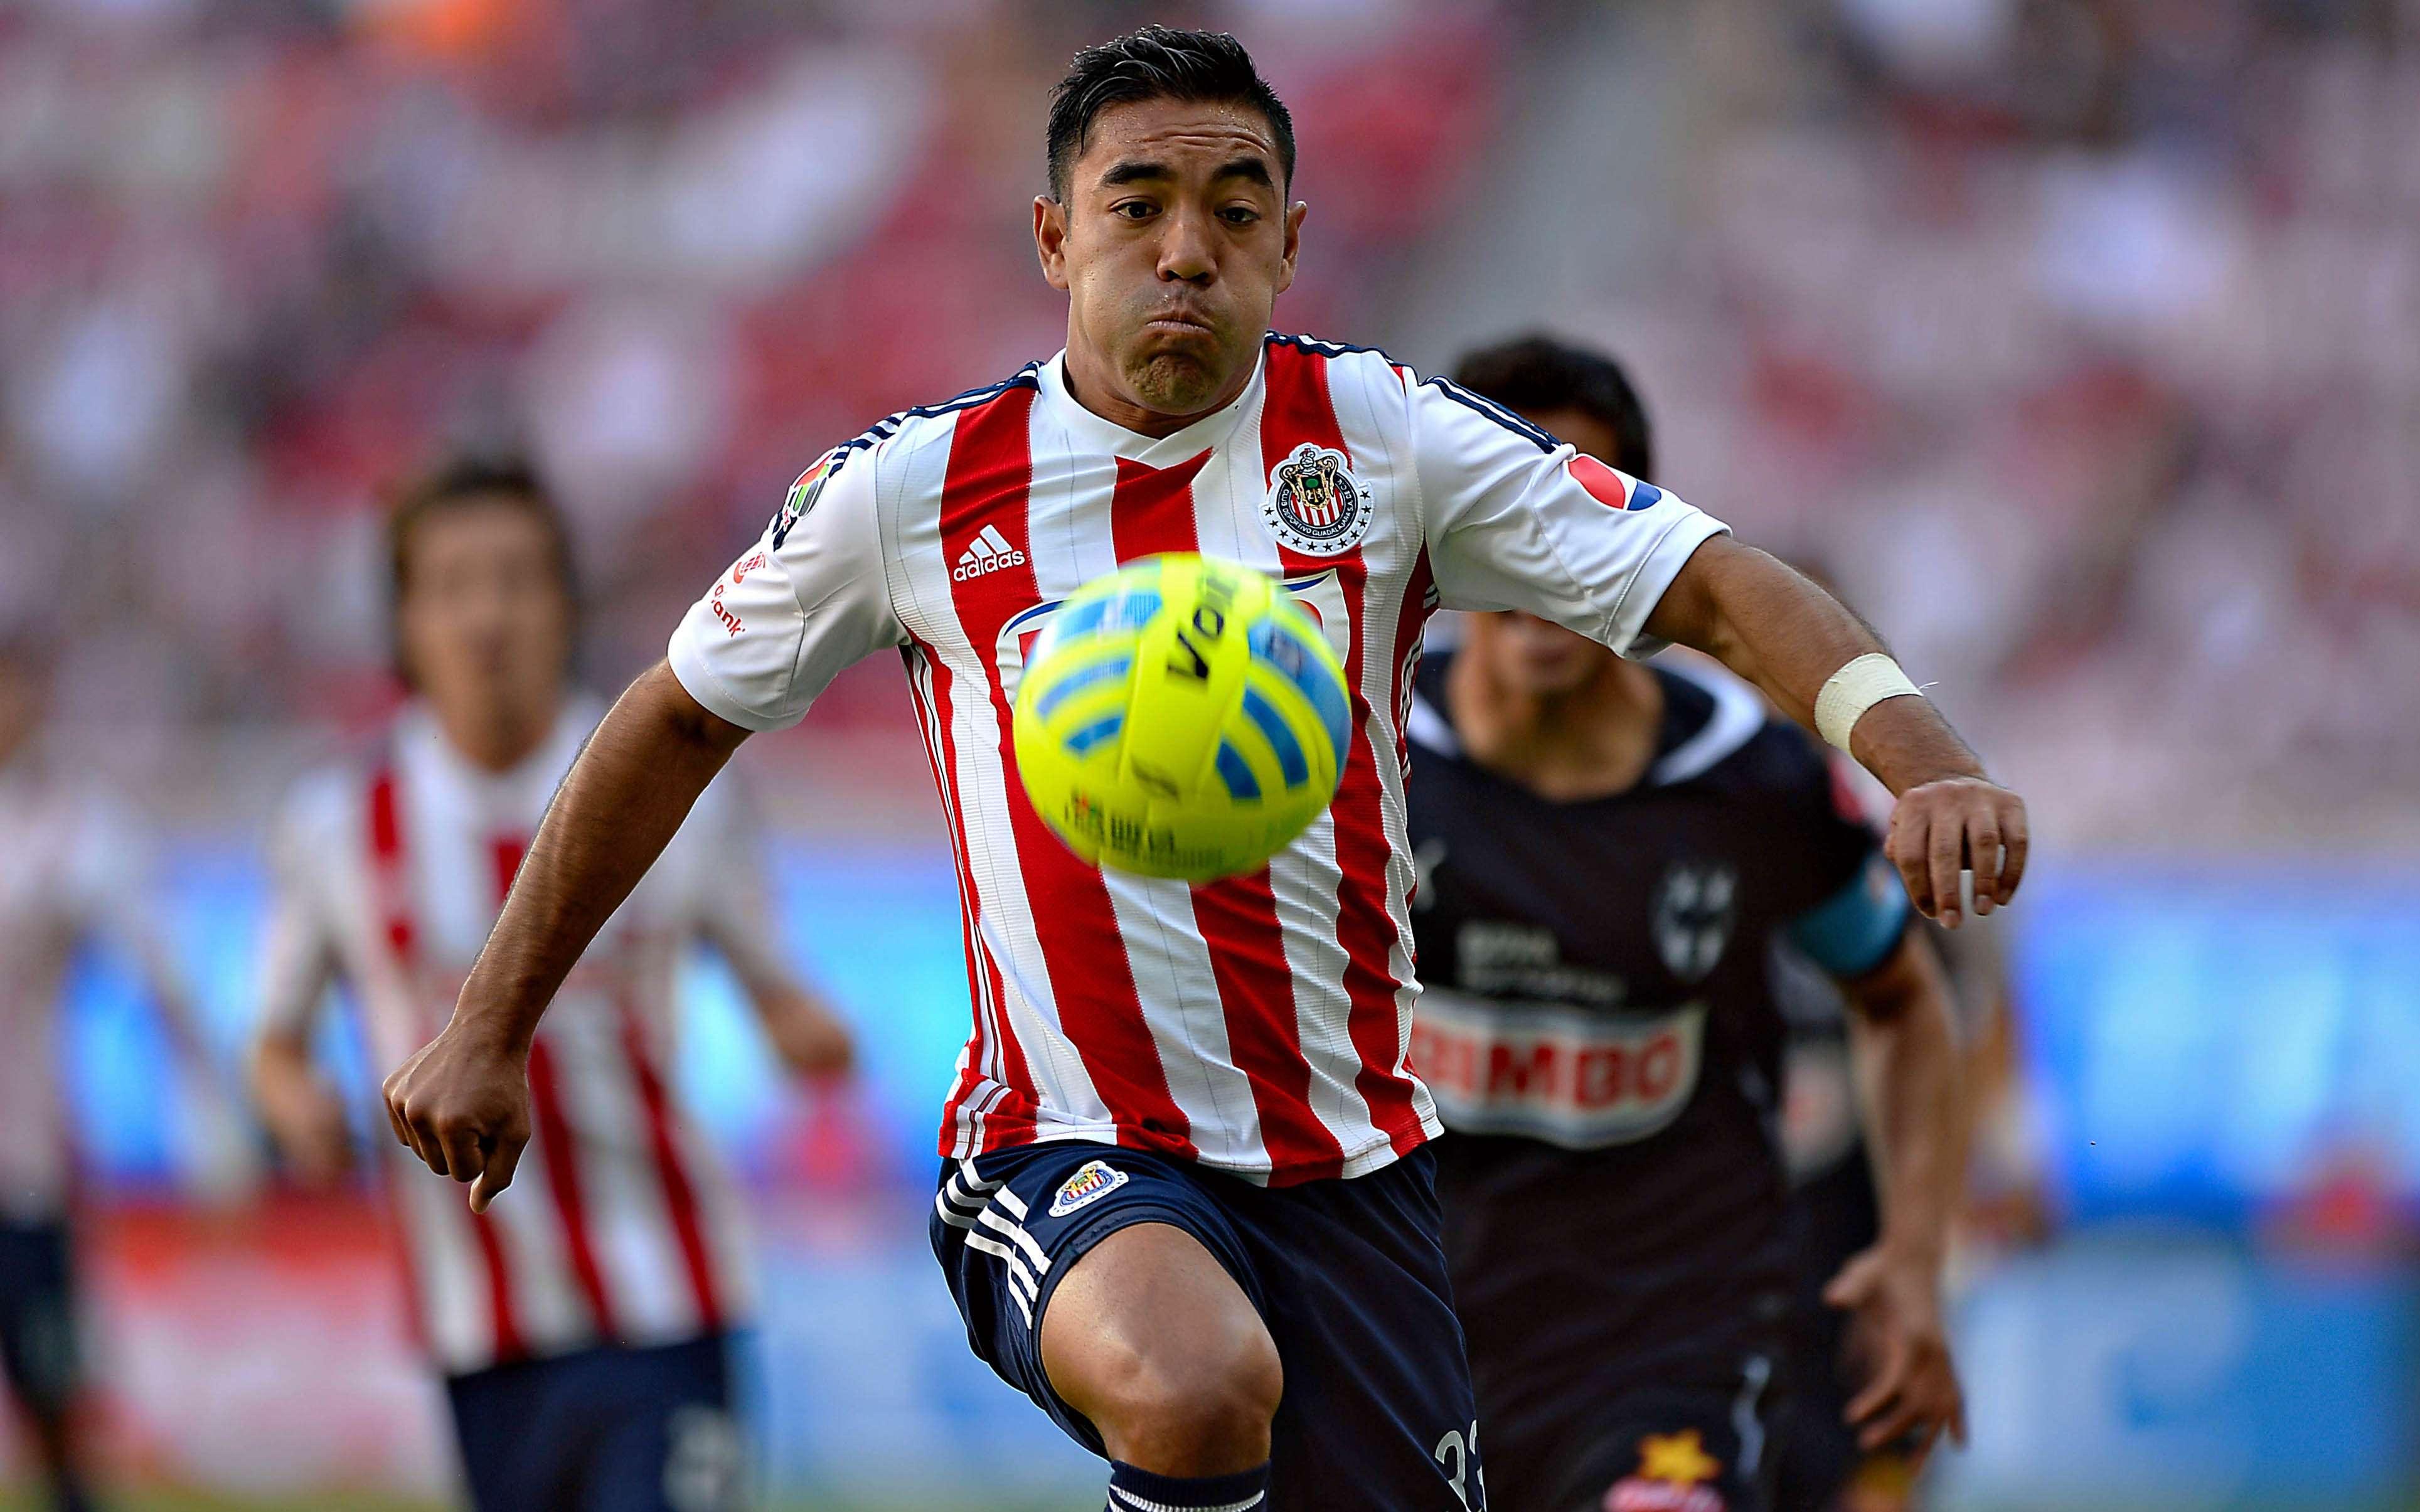 Chivas goleó 3-0 a Rayados con una buena actuación de Marco Fabián. Foto: Mexsport